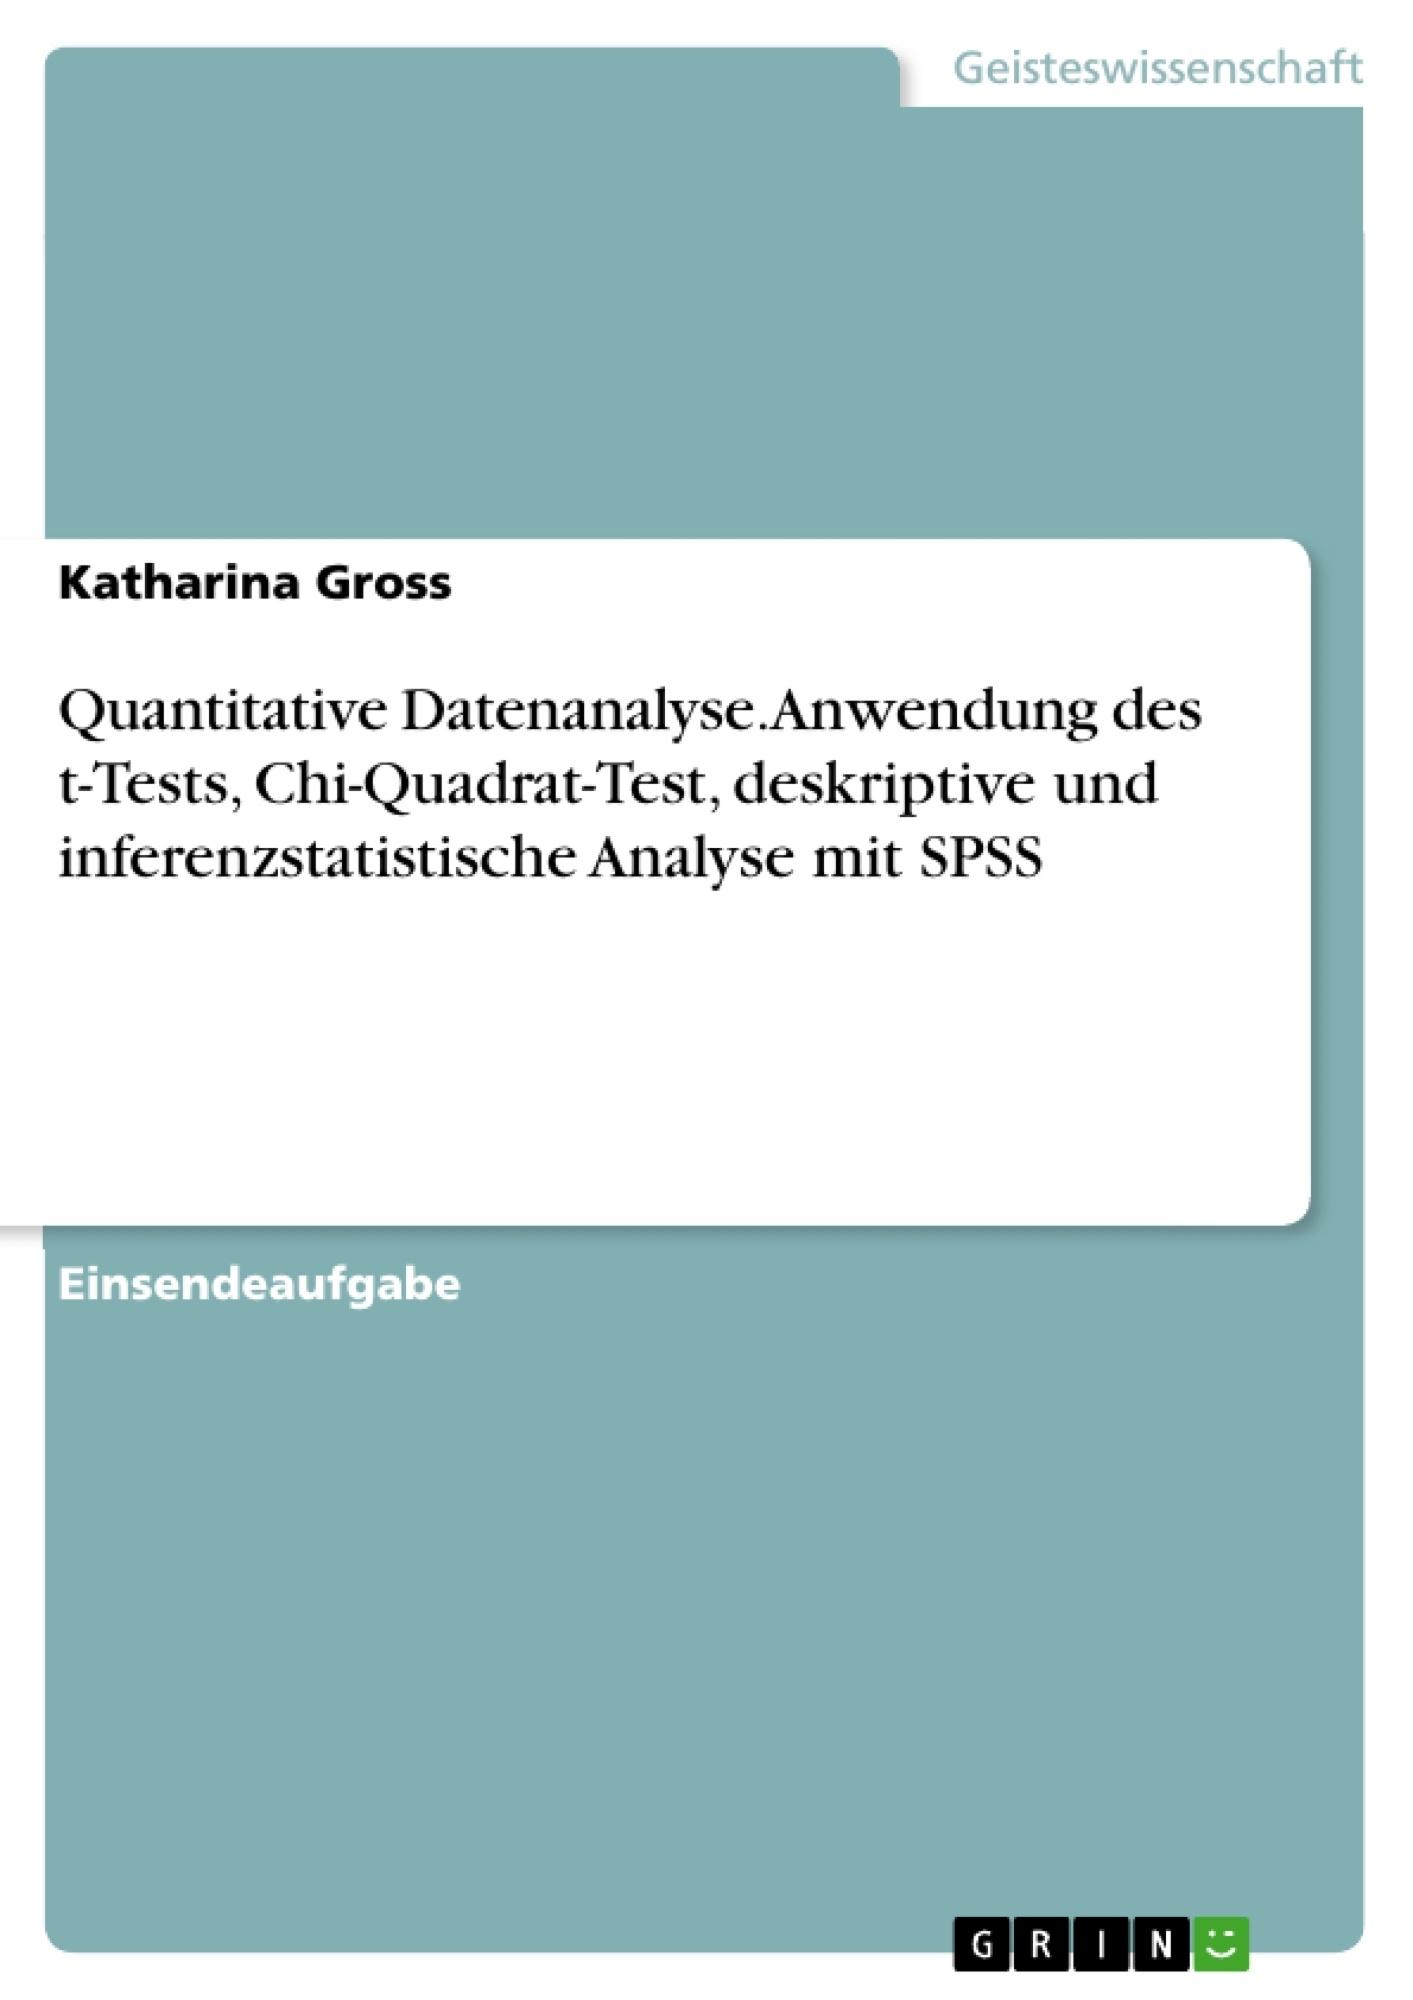 Titel: Quantitative Datenanalyse. Anwendung des t-Tests, Chi-Quadrat-Test, deskriptive und inferenzstatistische Analyse mit SPSS